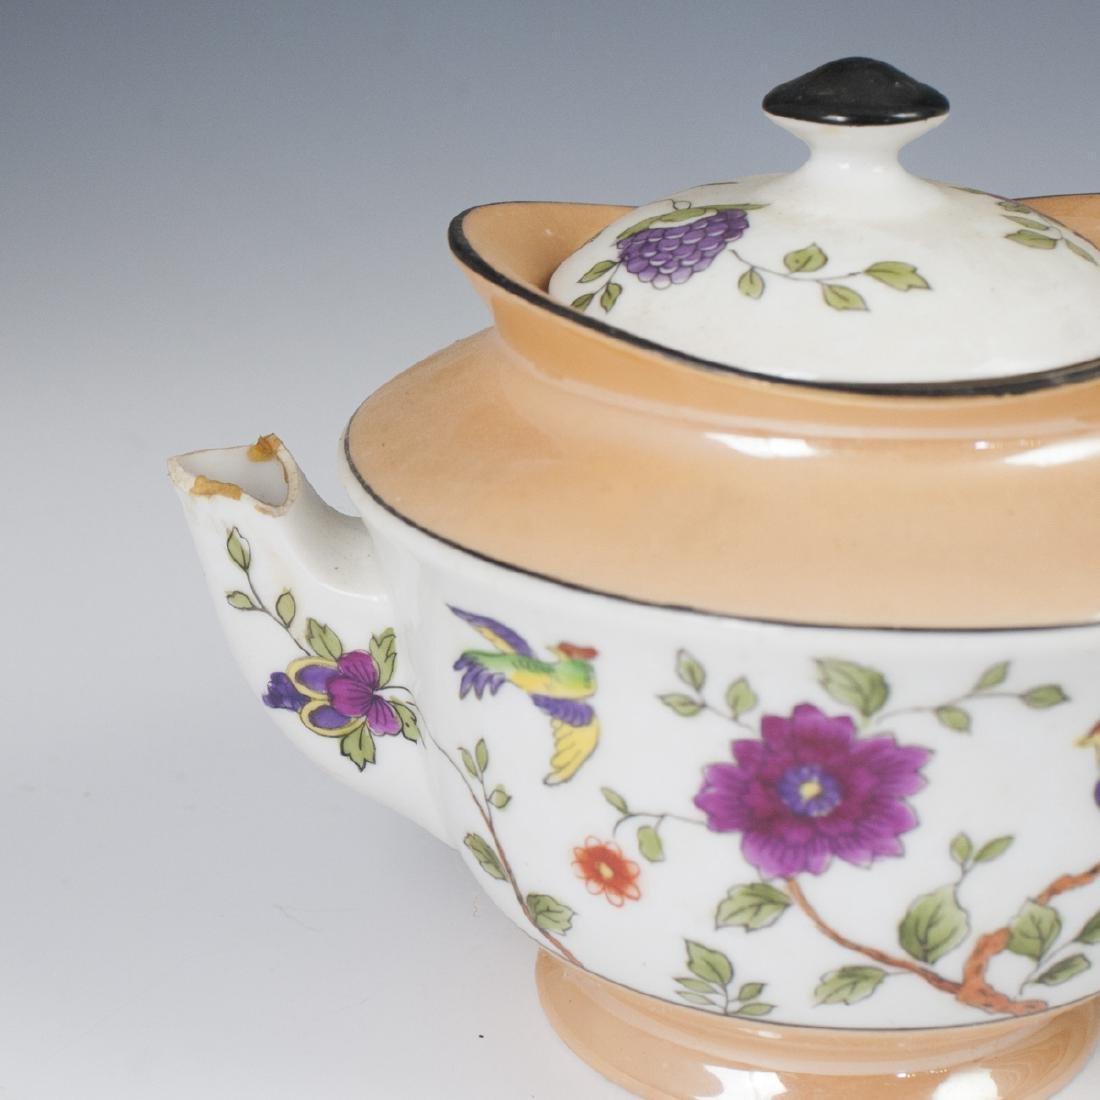 Noritake Porcelain Set - 5